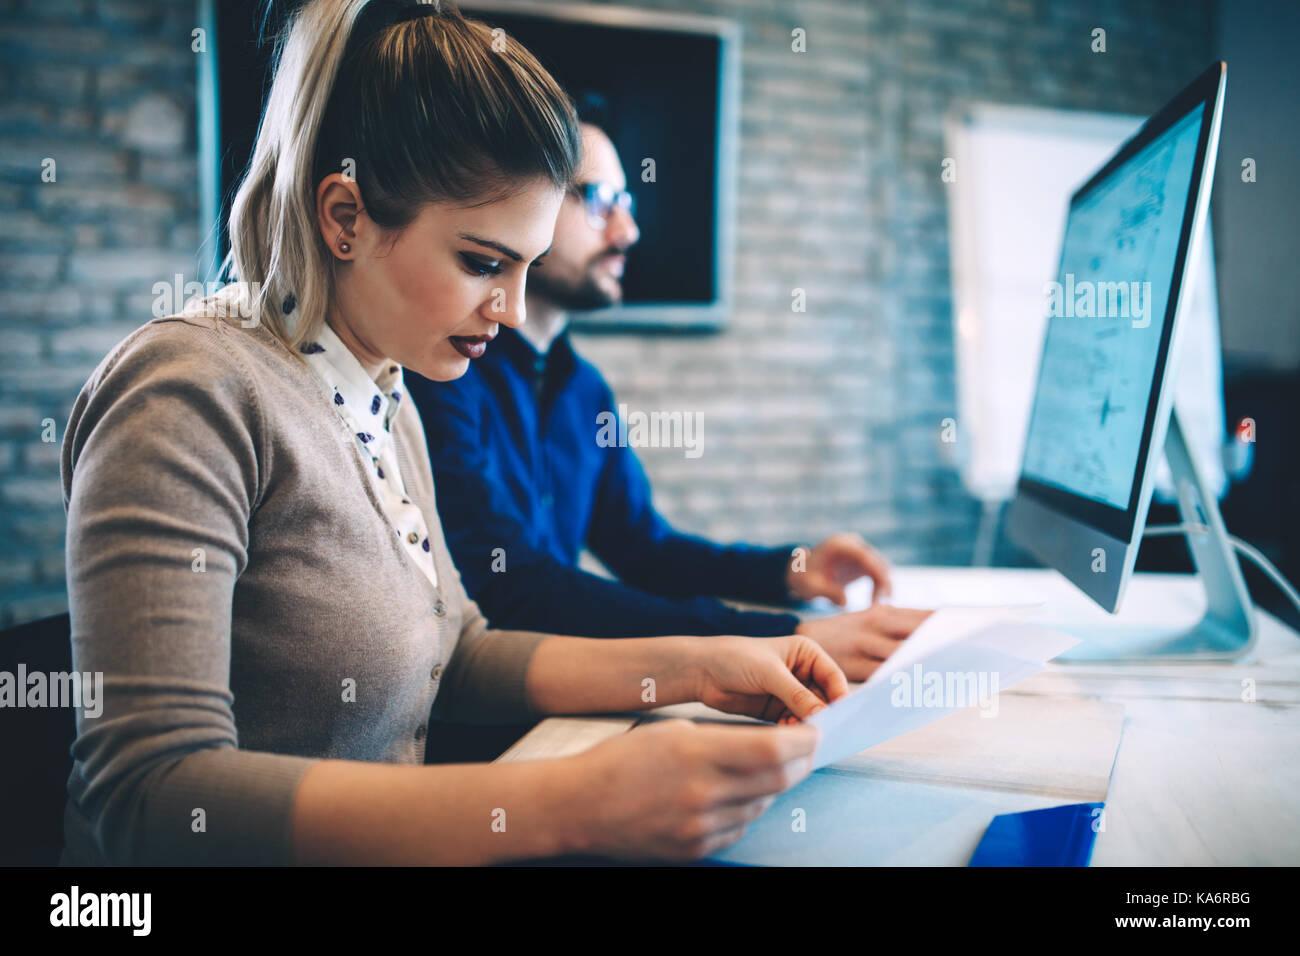 Belle femme travaillant dans un bureau moderne Photo Stock